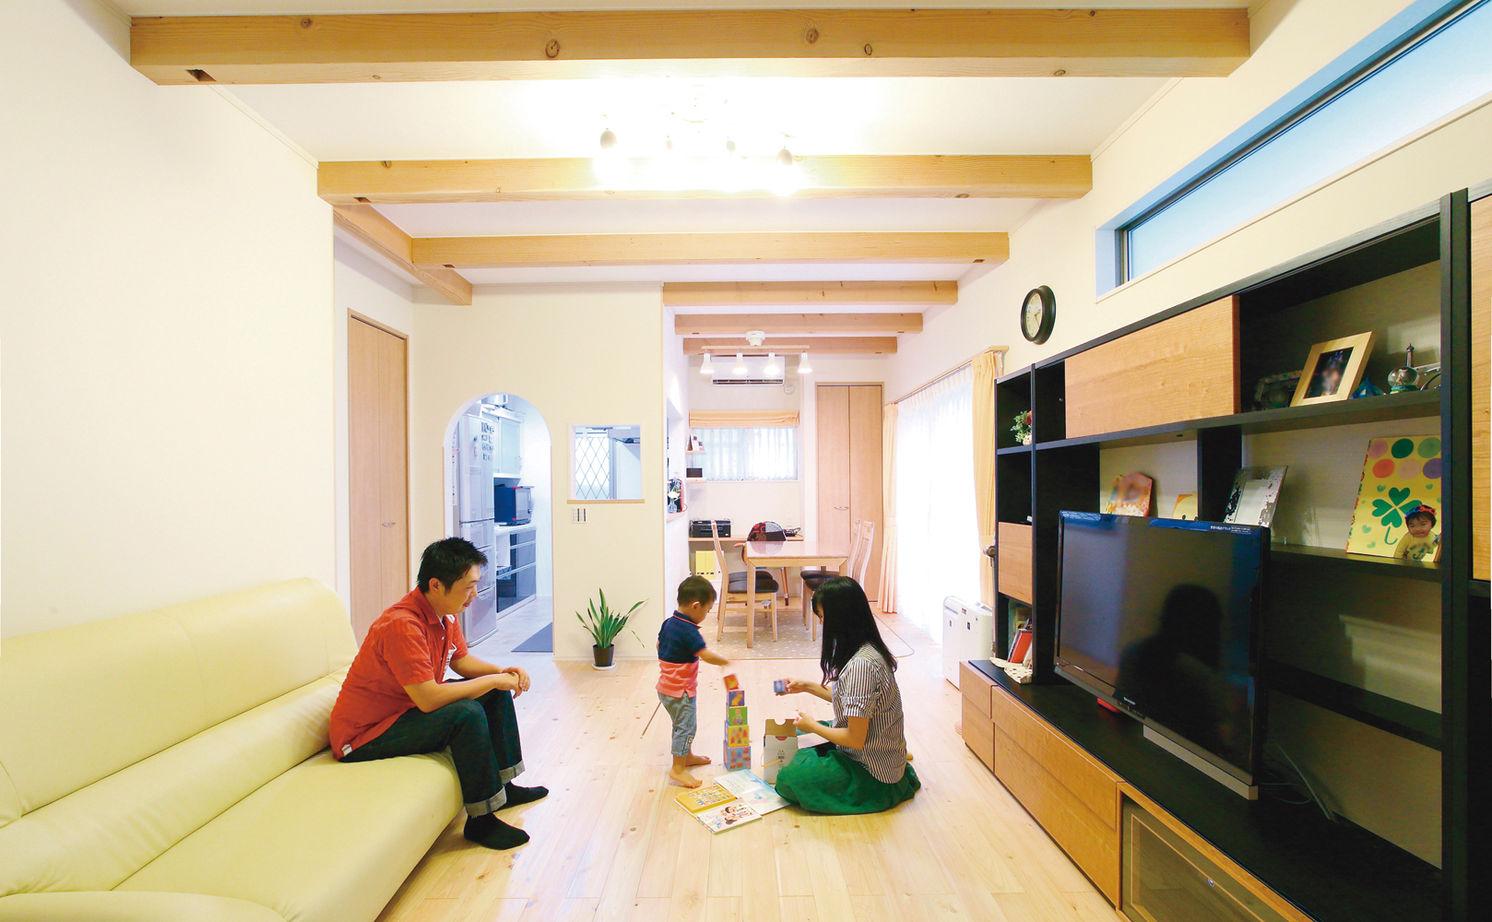 【1000万円台】子育てのために探した土地。希望通りの土地で自然素材あふれる住まいを実現画像2